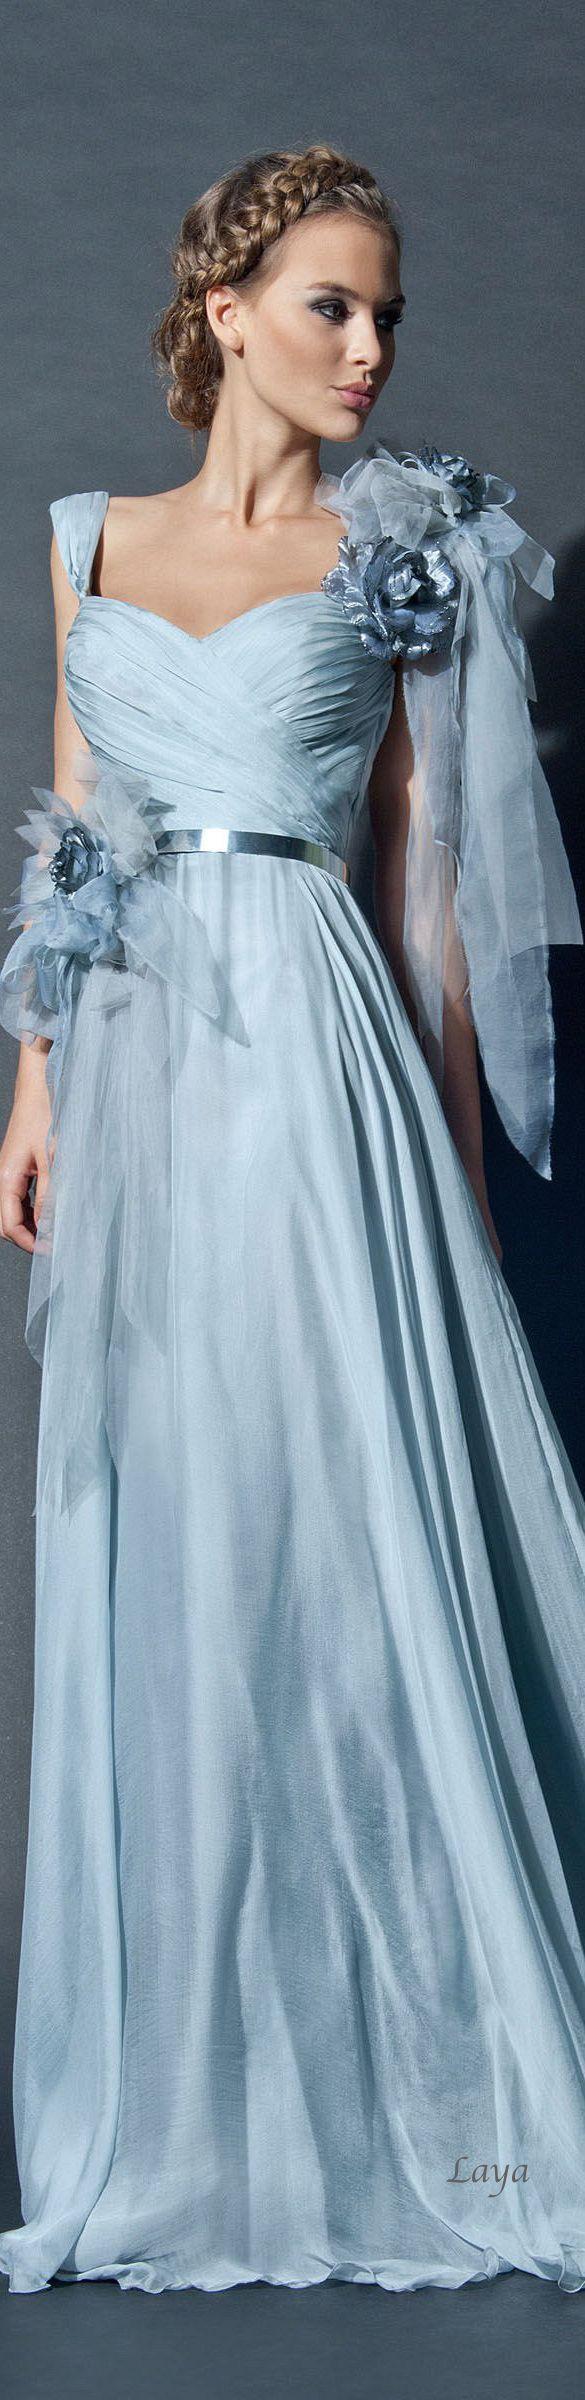 98 best vestidos de festas images on Pinterest | Princess fancy ...